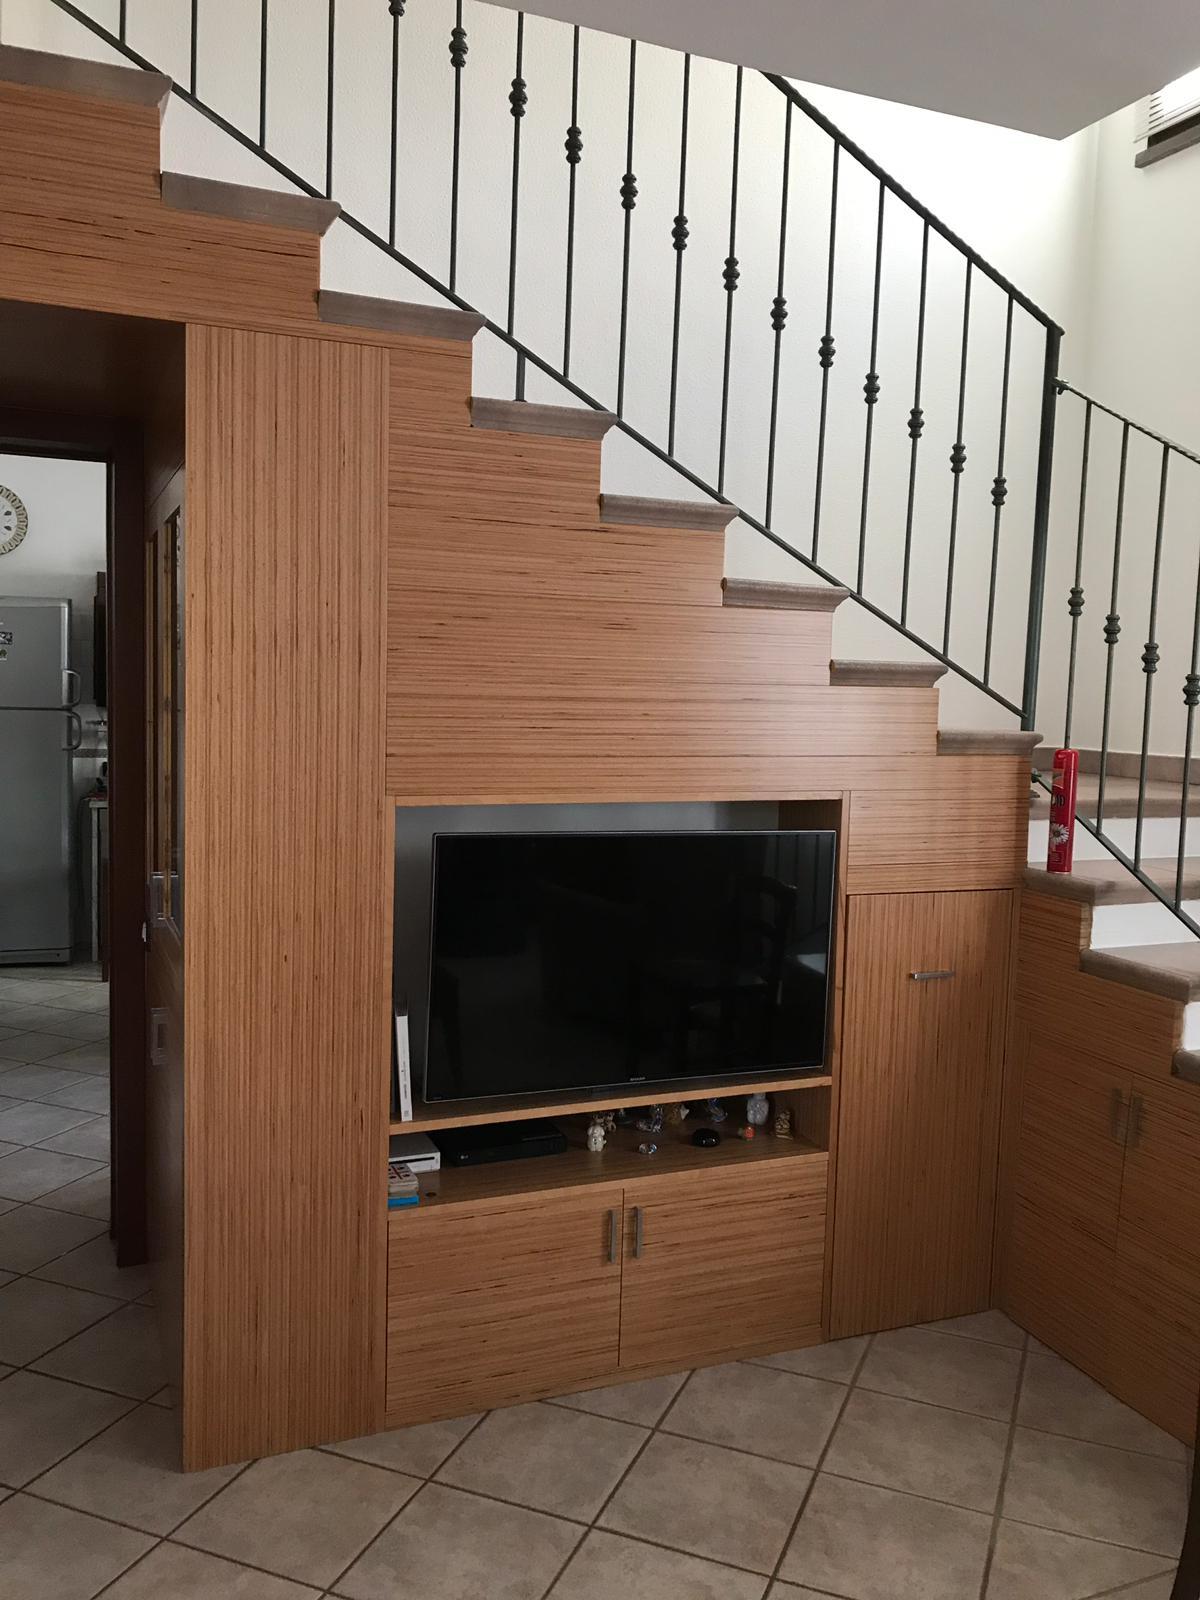 Arredo su misura per vano sottoscala in legno lamellare faggio BauBuche verniciato al naturale. Progetto: architetto Roberto Virdis